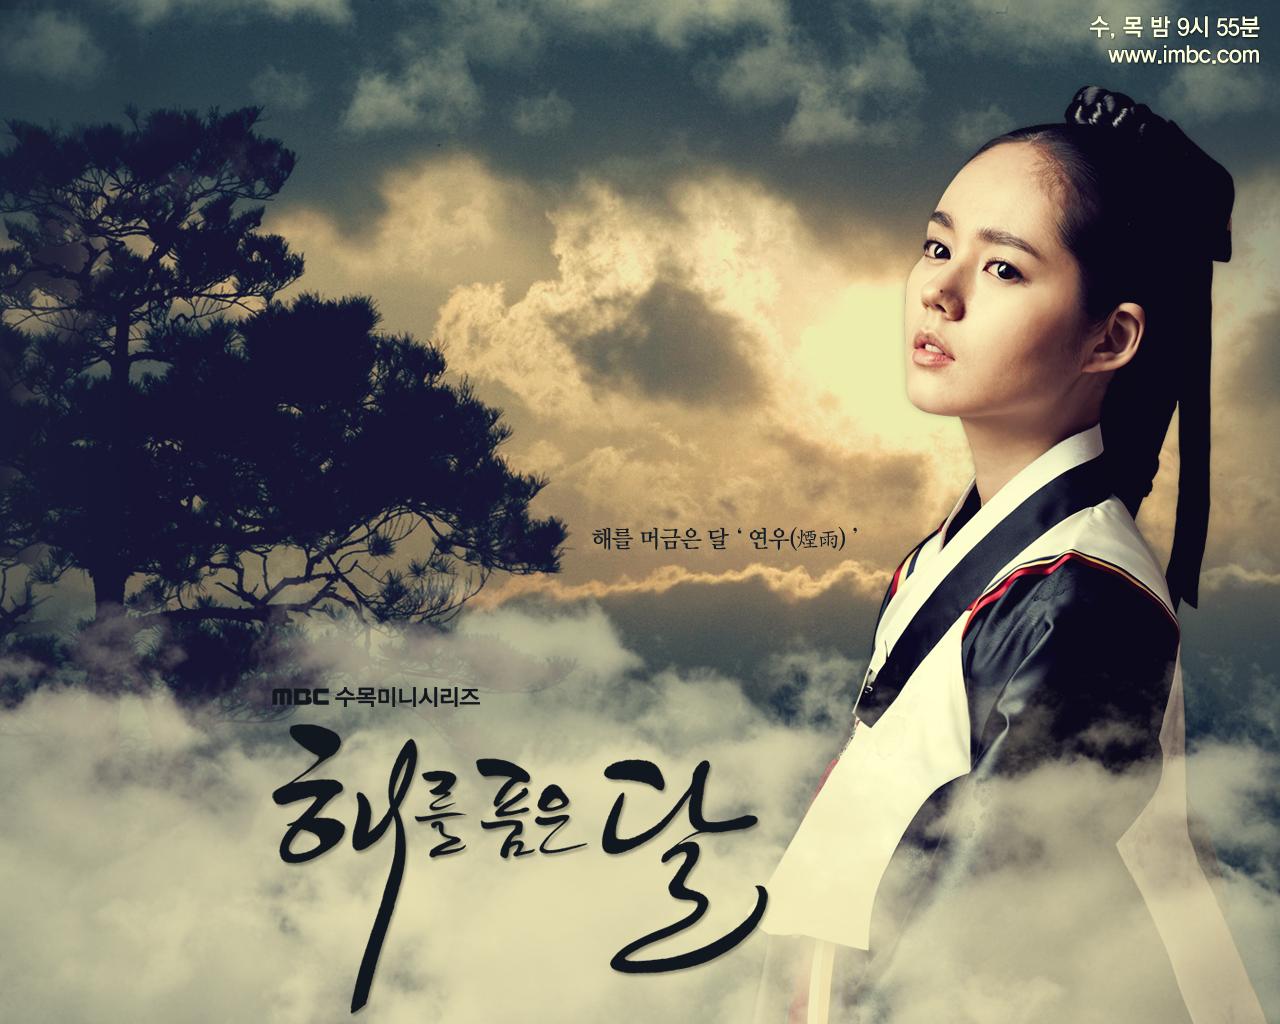 [韓劇] 해를 품은 달 (擁抱太陽的月亮) (2012) 1280_1024_03